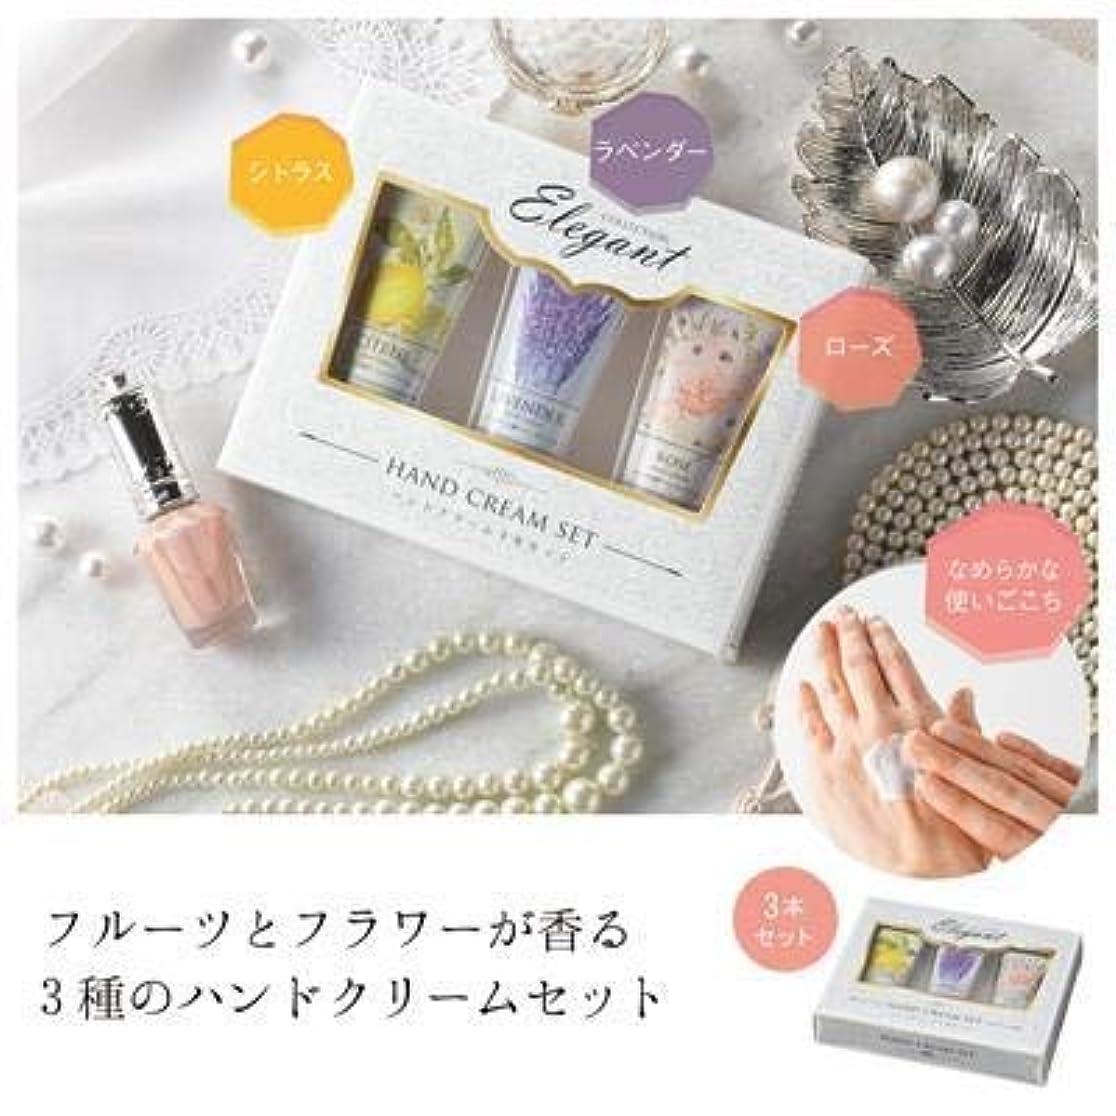 より偏見さておきハンドクリーム3本セット(化粧箱入)【まとめ売り10個セット】